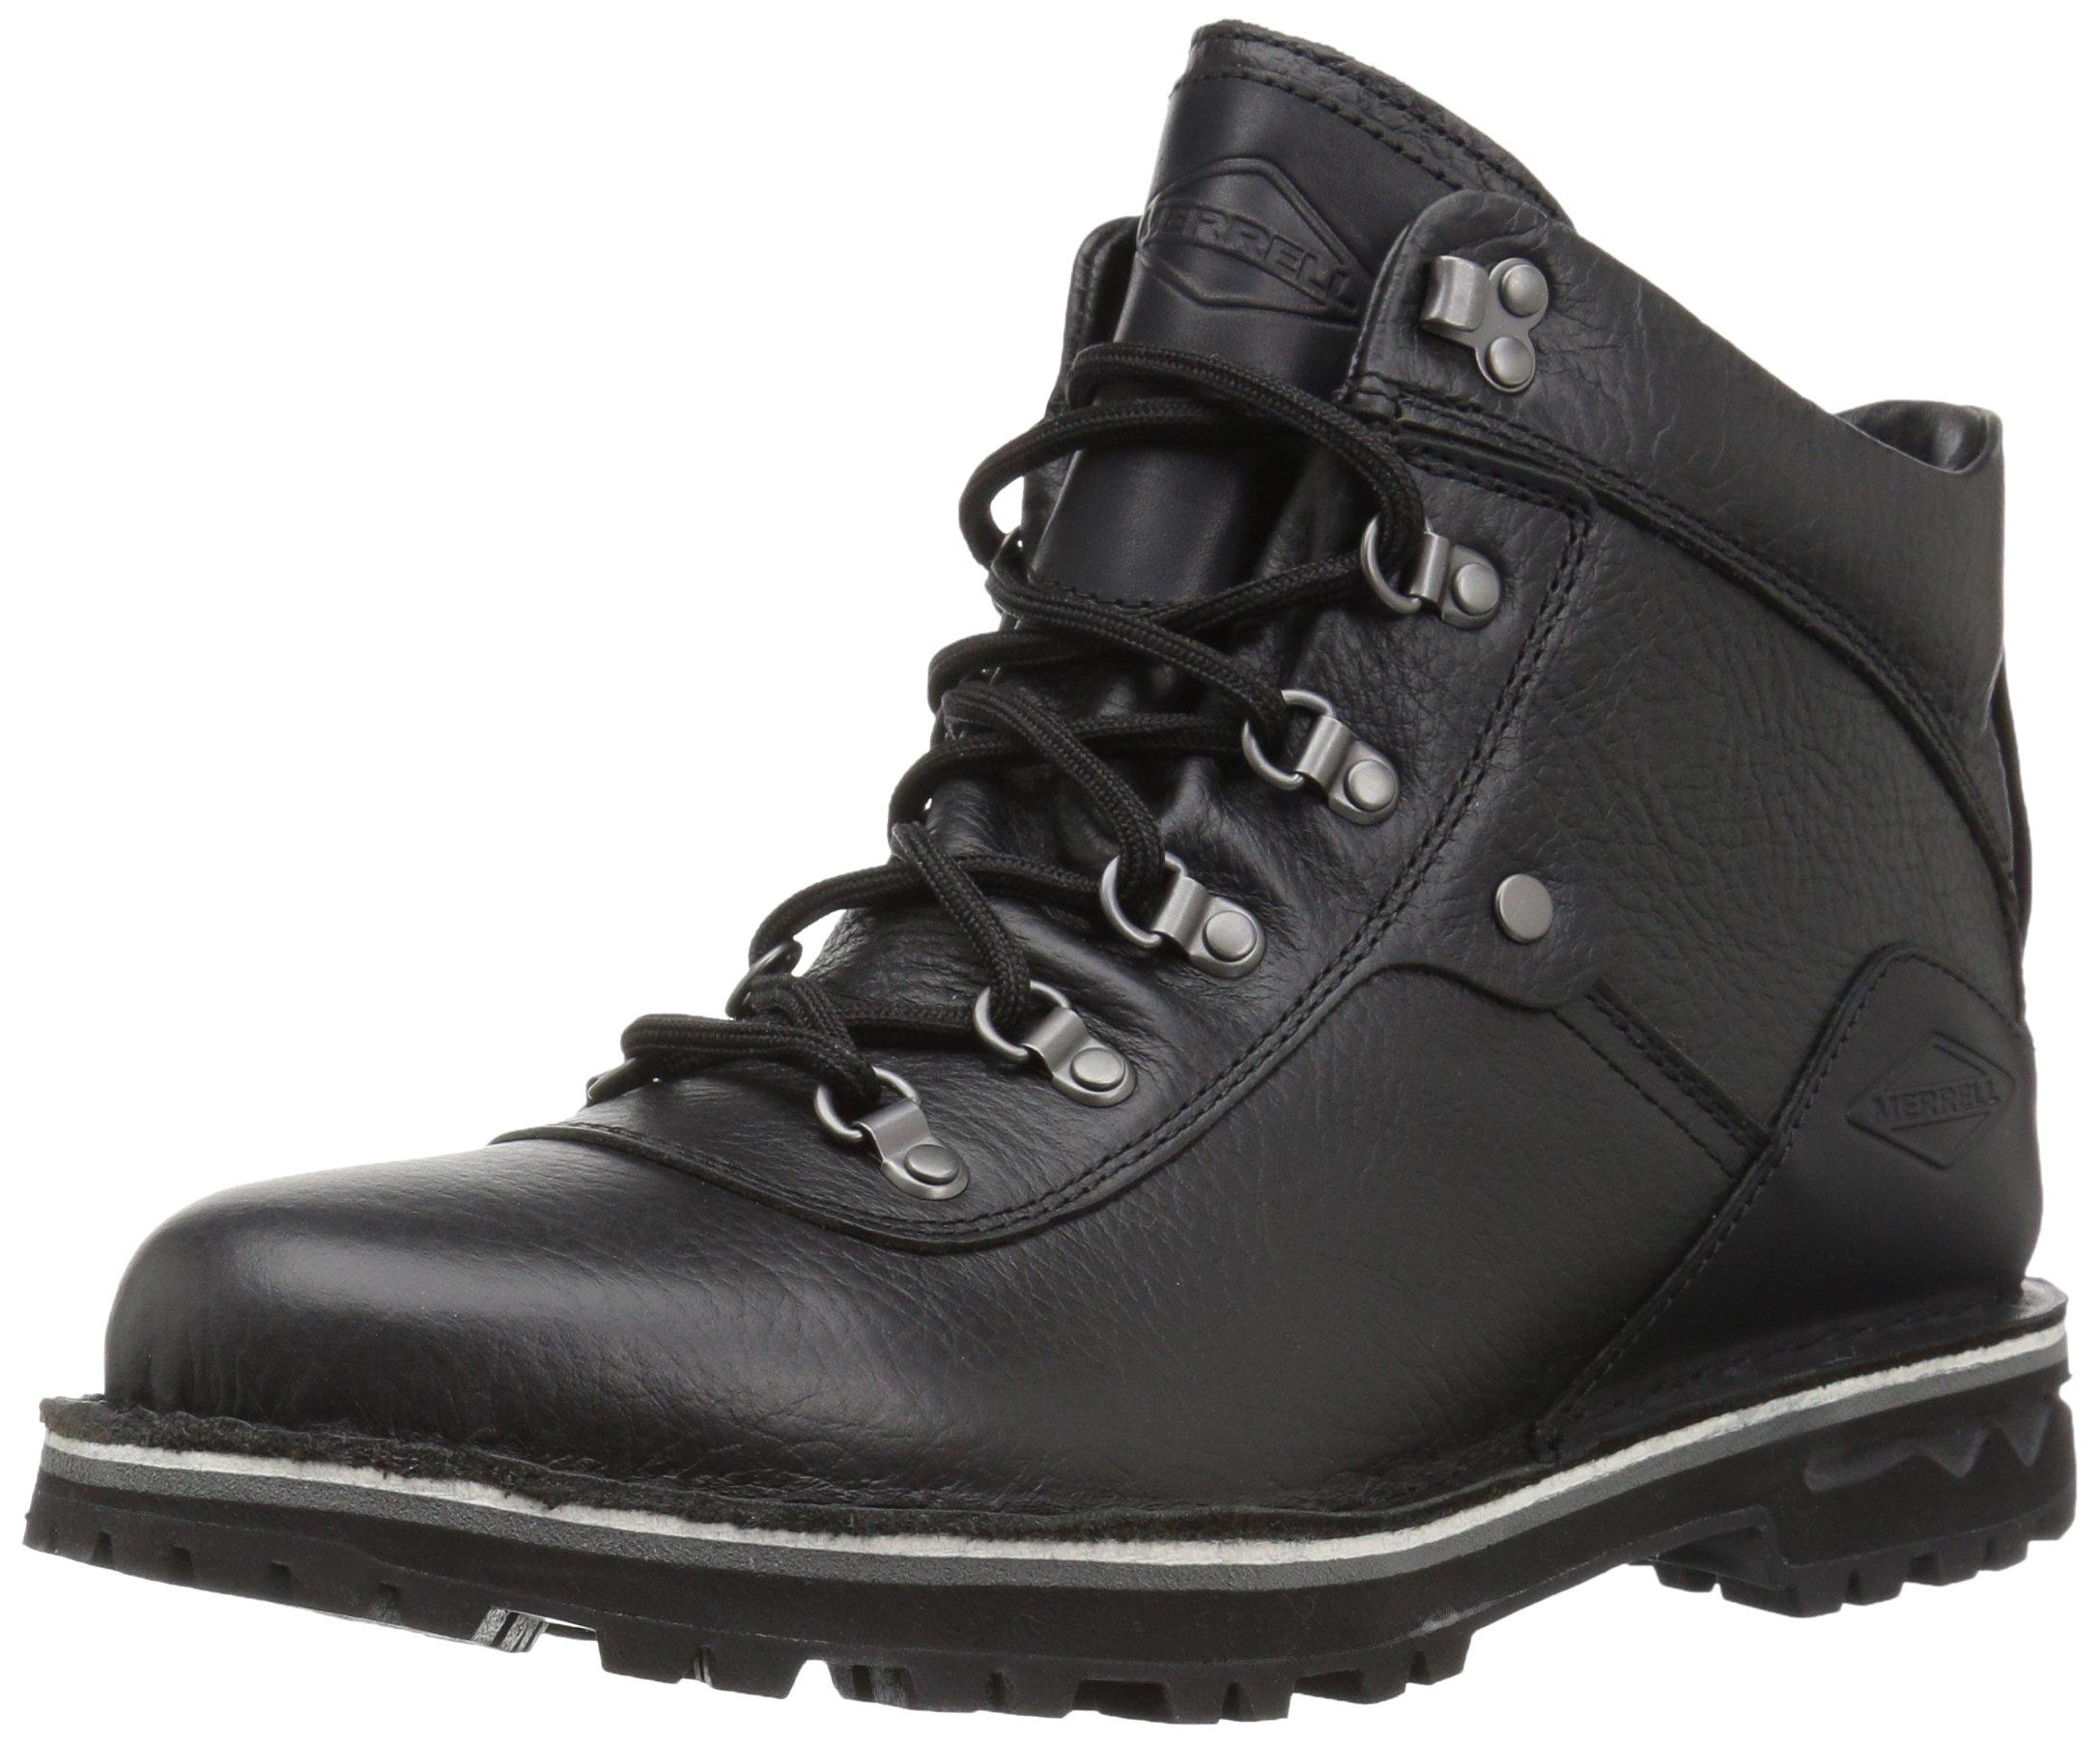 Merrell Women's Sugarbush Refresh Waterproof Hiking Boot, Black, 7.5 M US